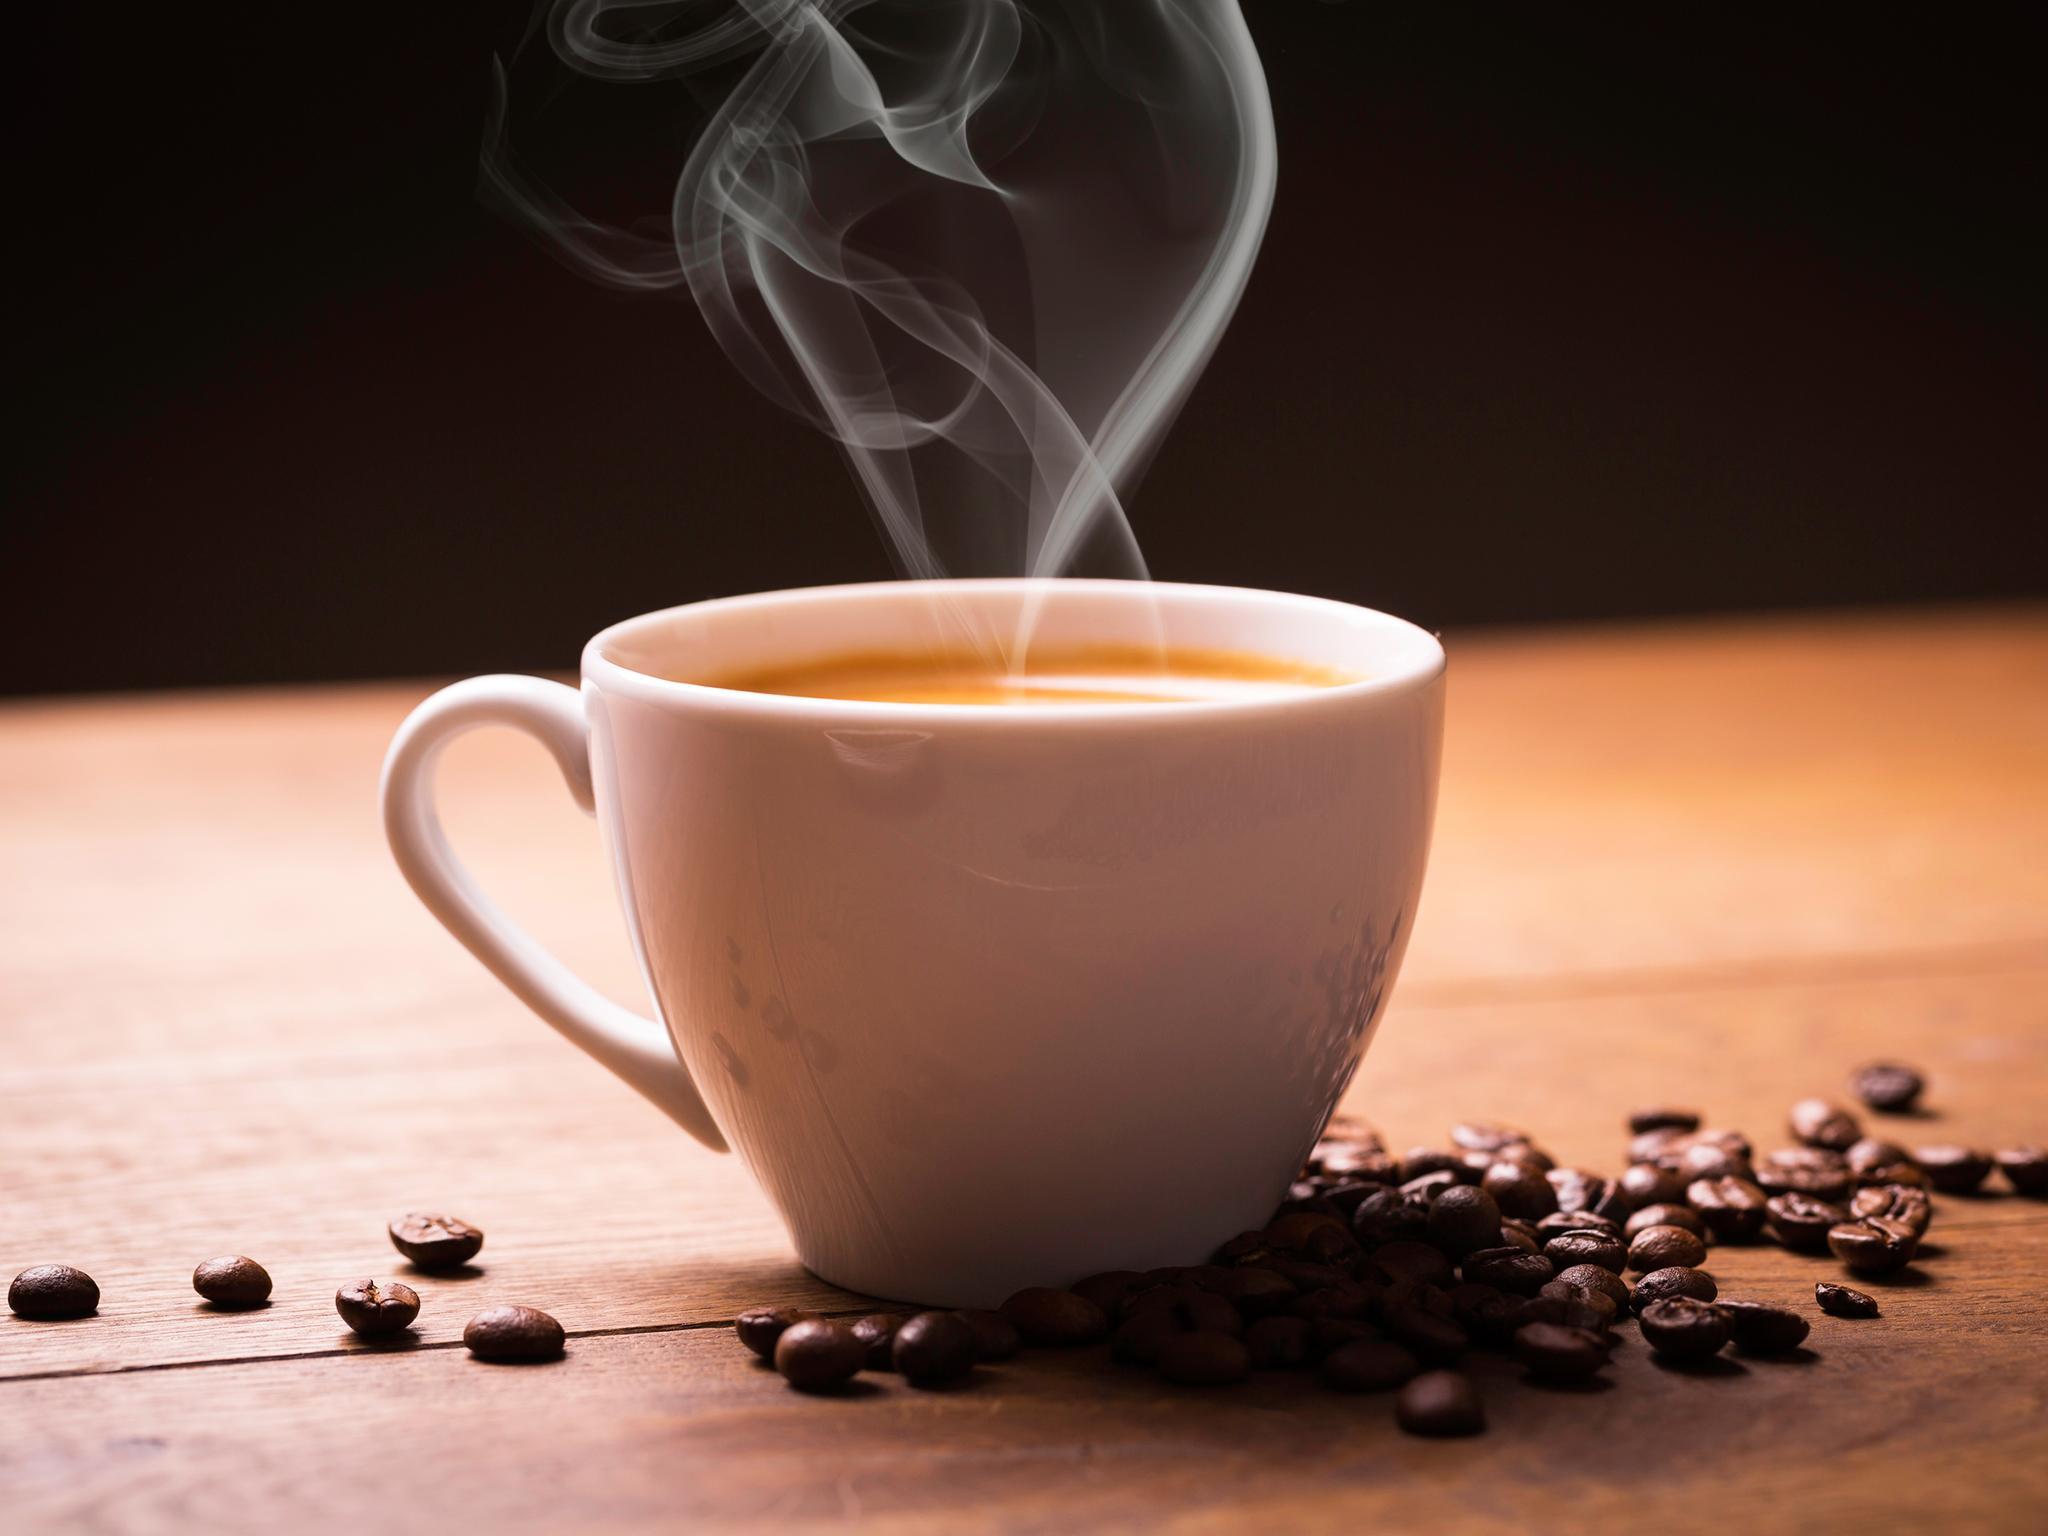 قهوه، چه فايدهاي دارد؟